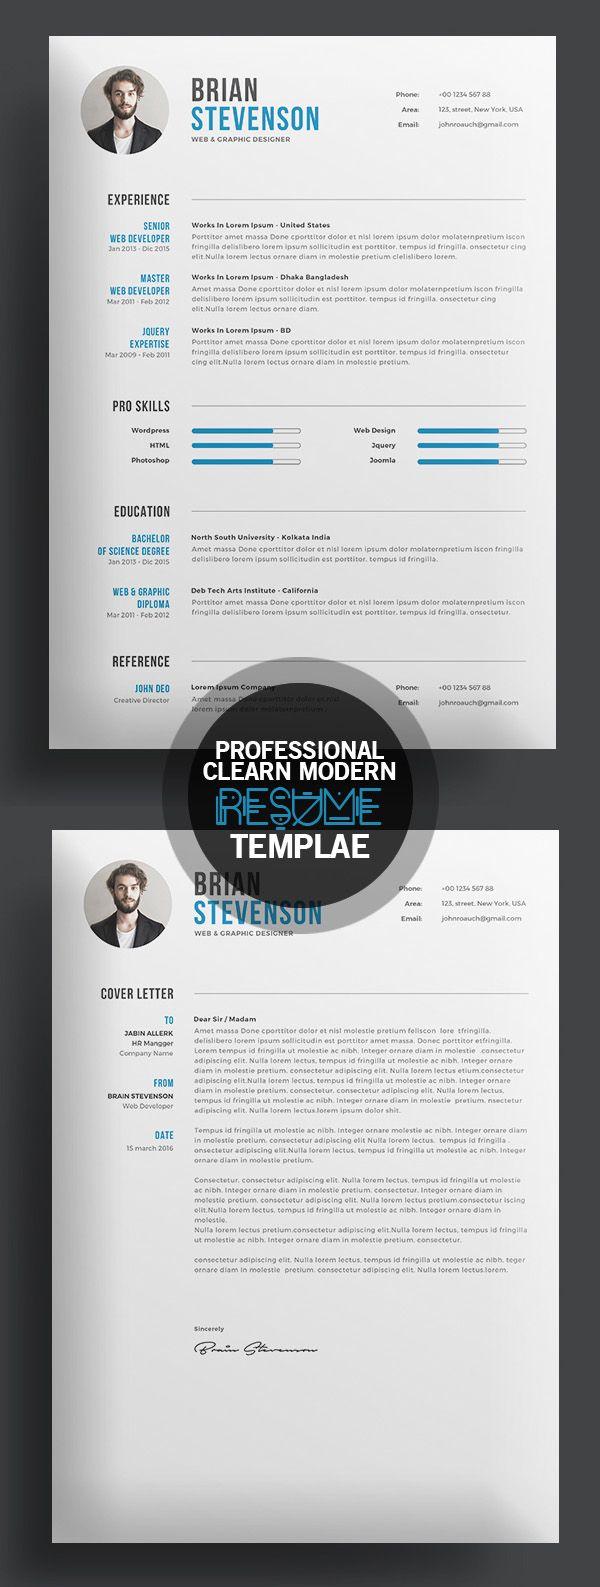 Best 25+ Creative cv template ideas on Pinterest | Cv template ...